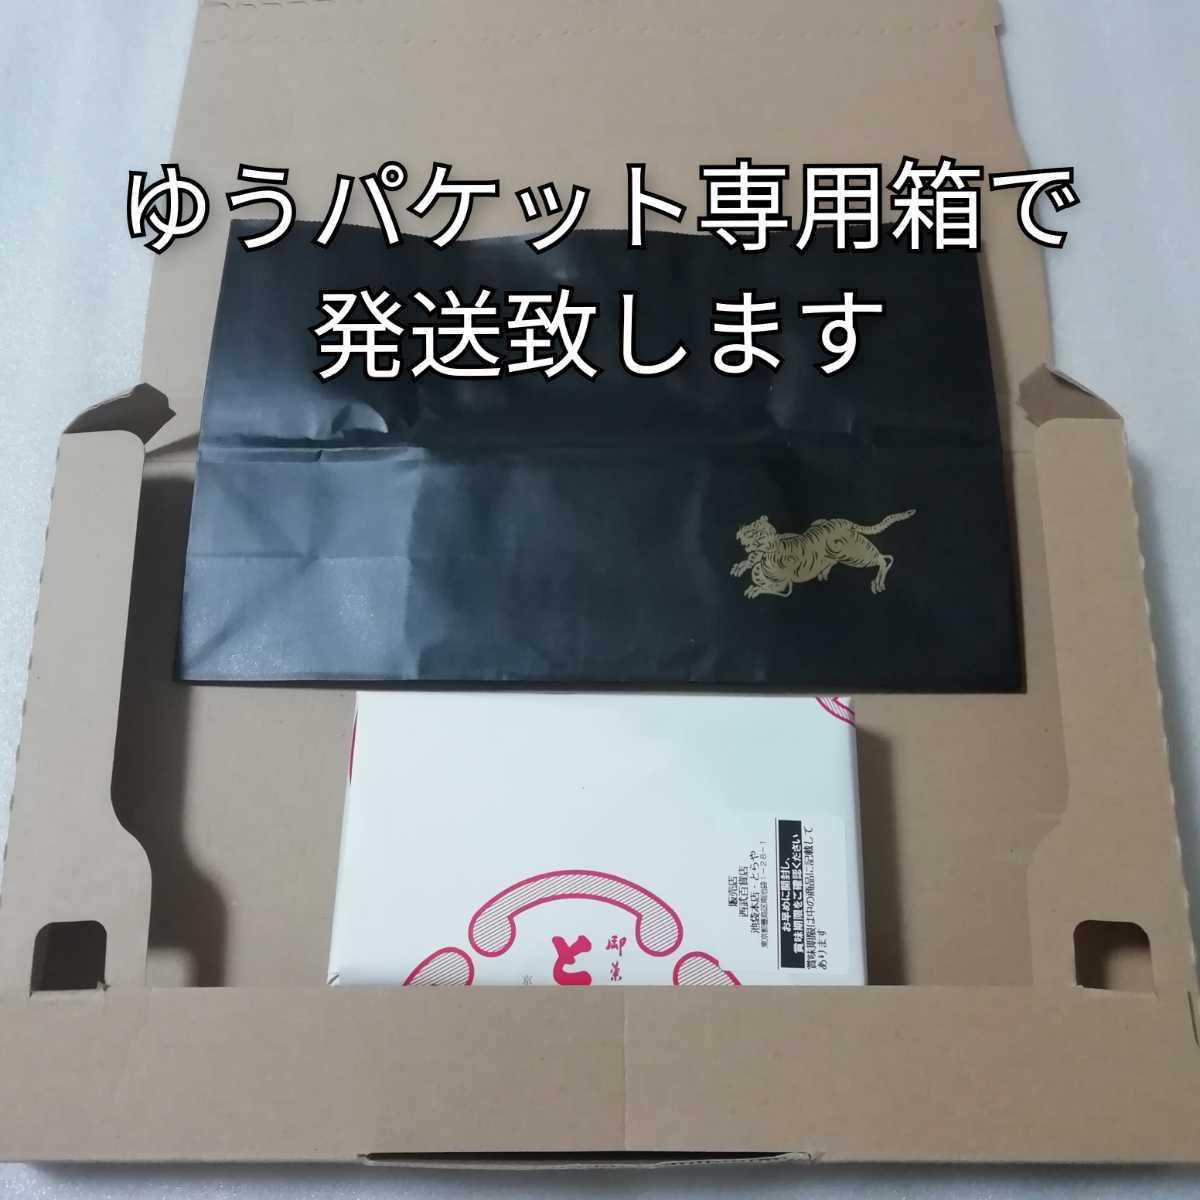 とらや 1箱7本入 新緑 抹茶 羊羹 ようかん 化粧箱入 包装済 化粧箱 虎屋 小形羊羹_画像5